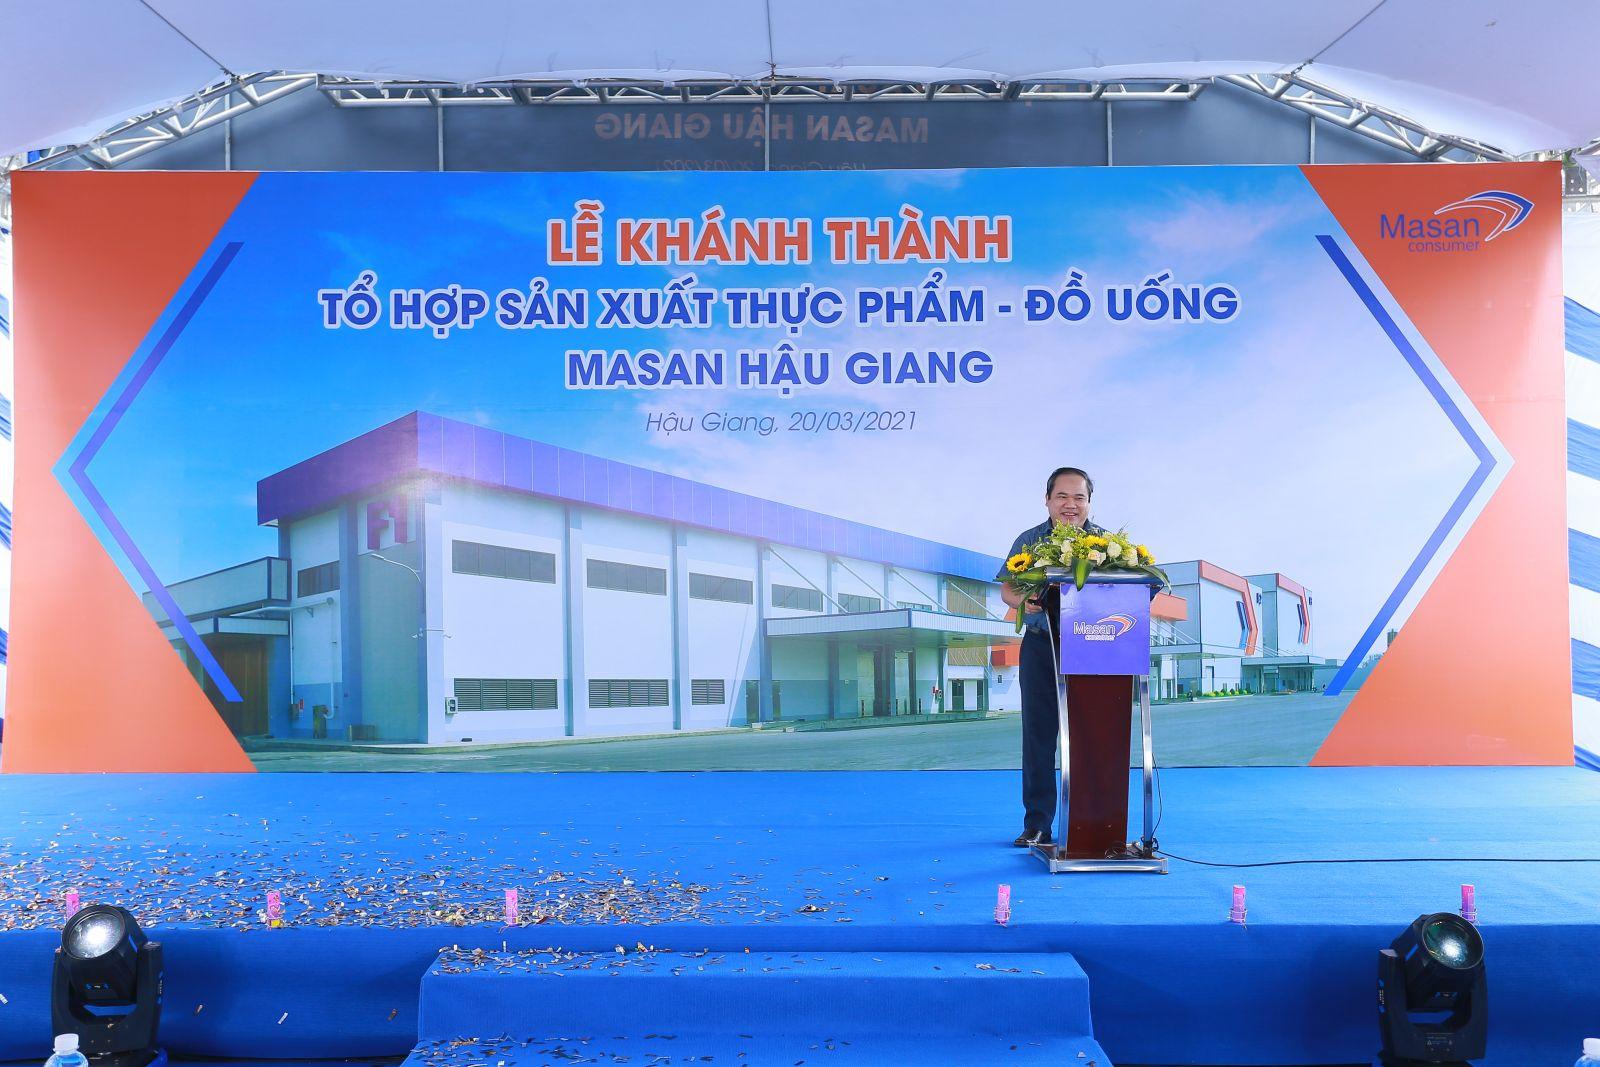 Ông Trương Công Thắng - TGĐ Masan Cosumer phát biểu tại buổi lễ